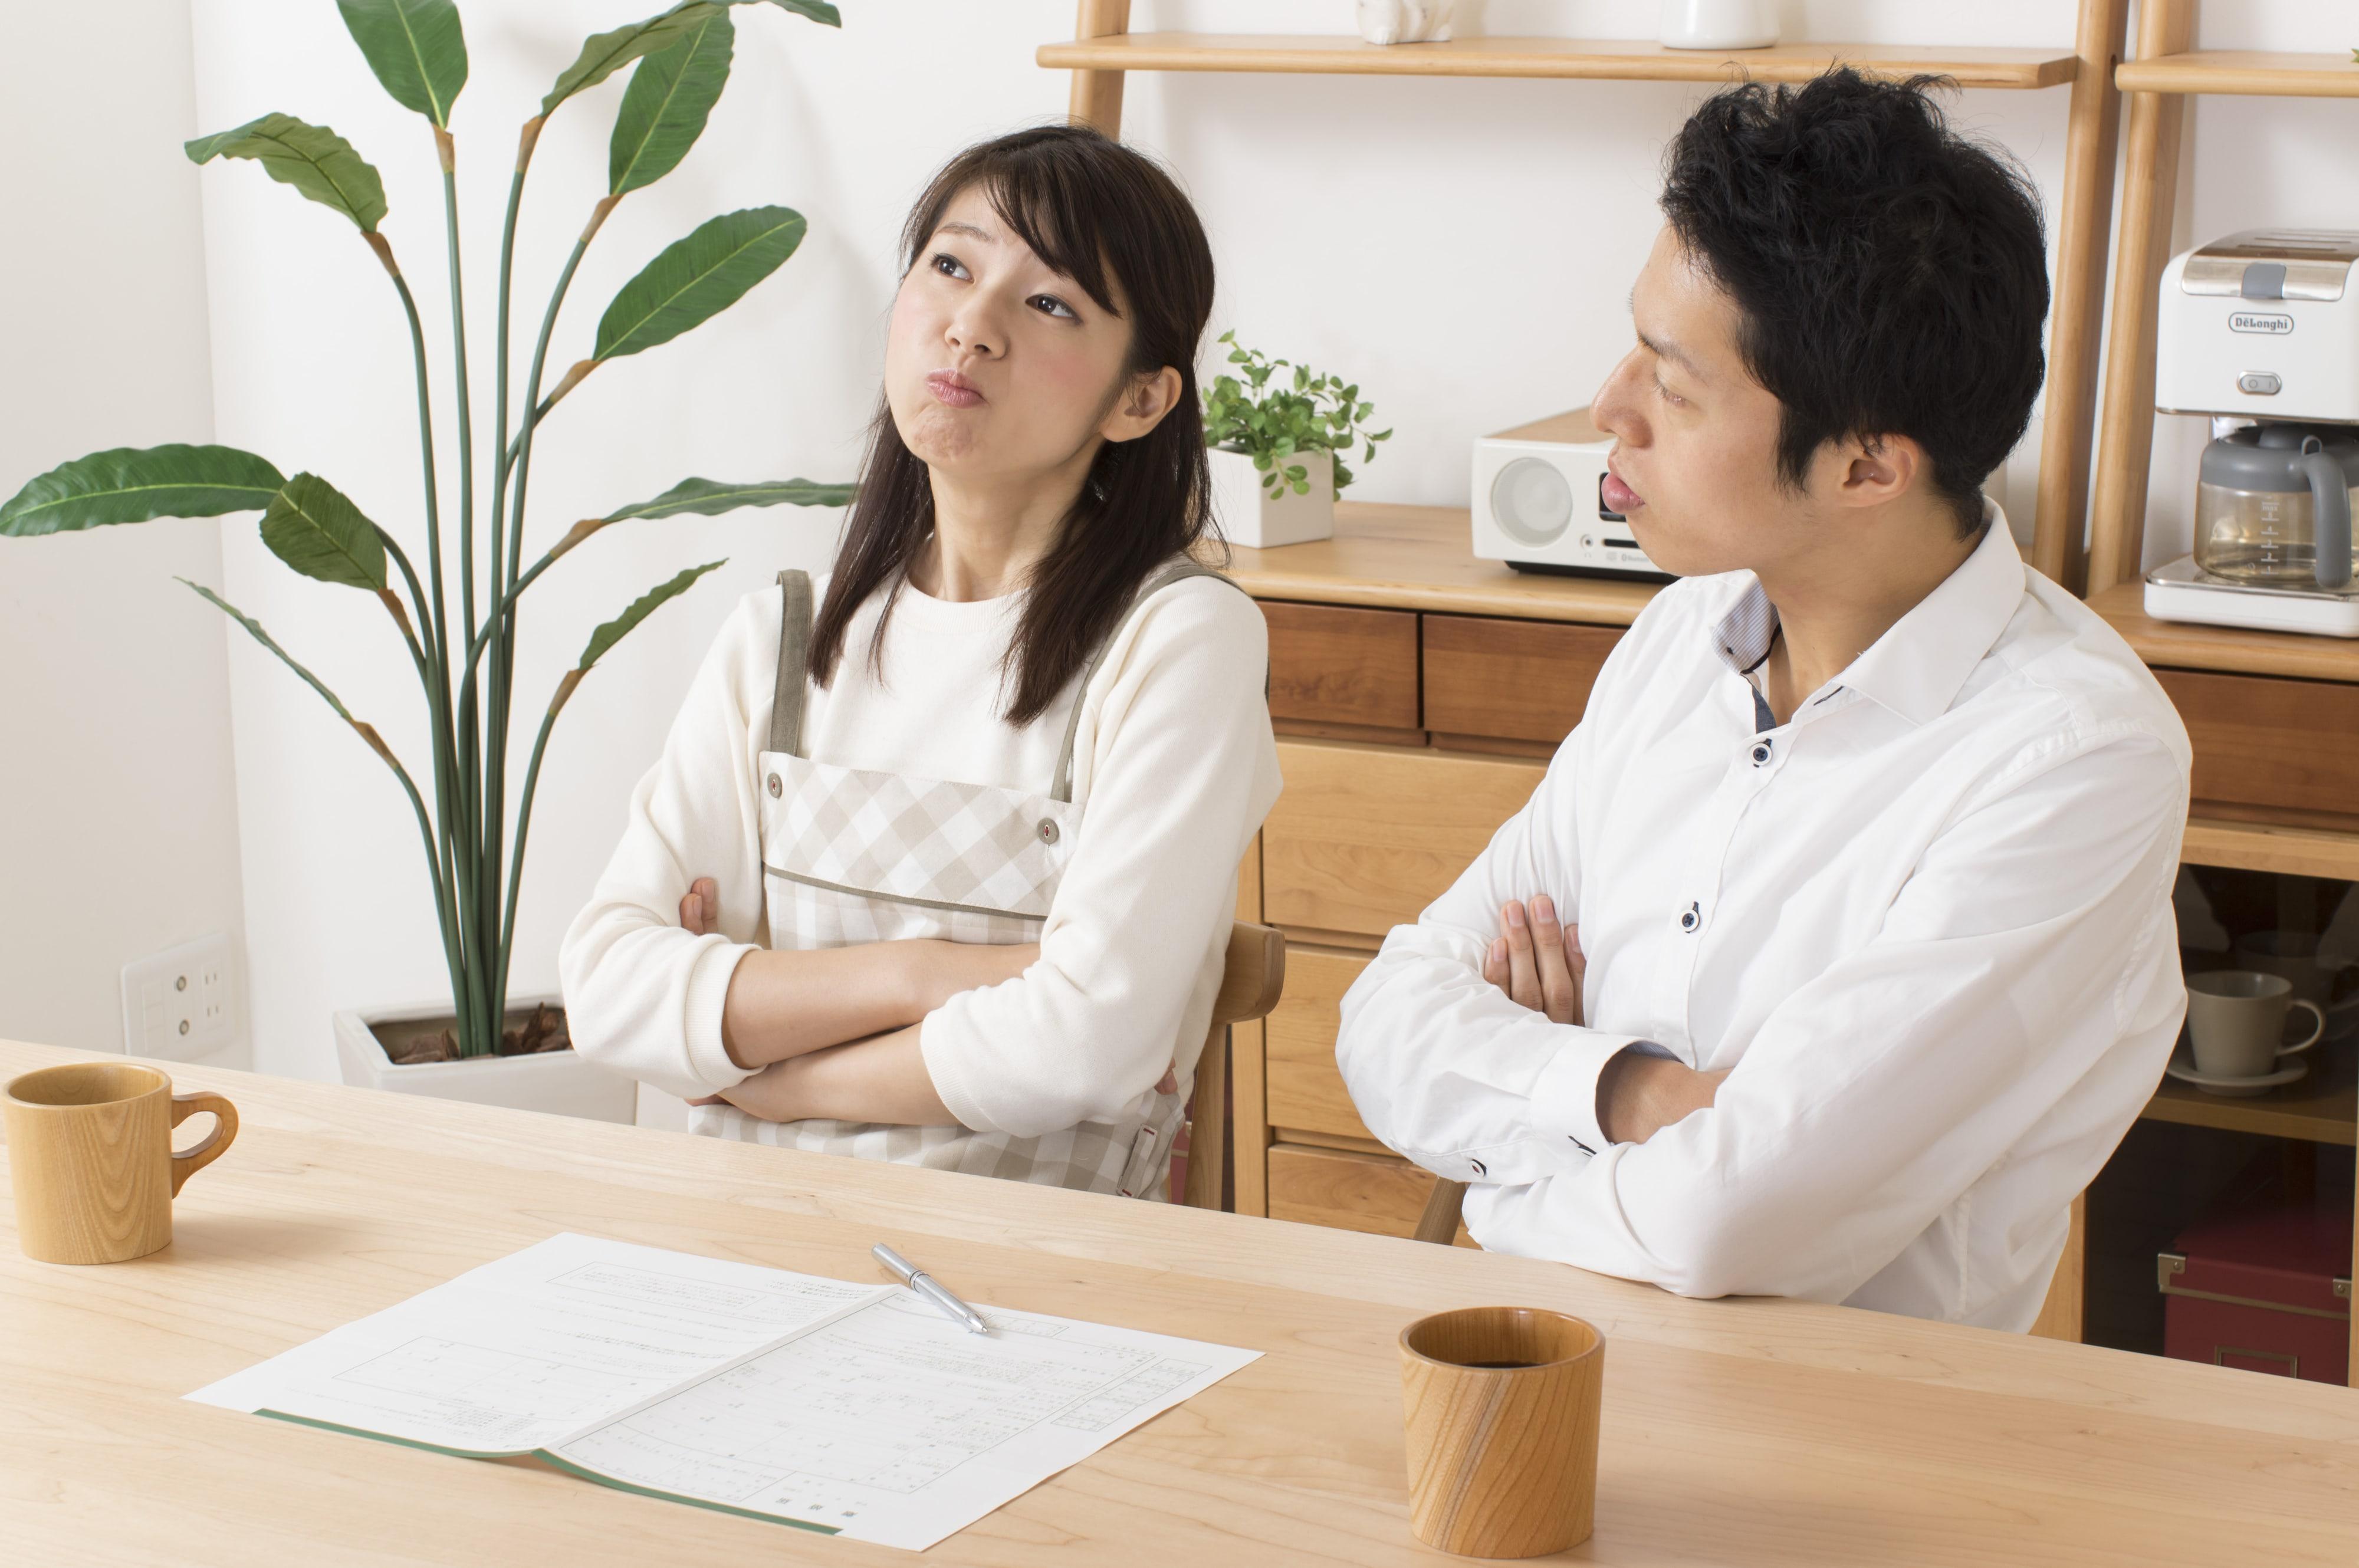 両親離婚後、父親に借金ができた場合子供に返済義 …